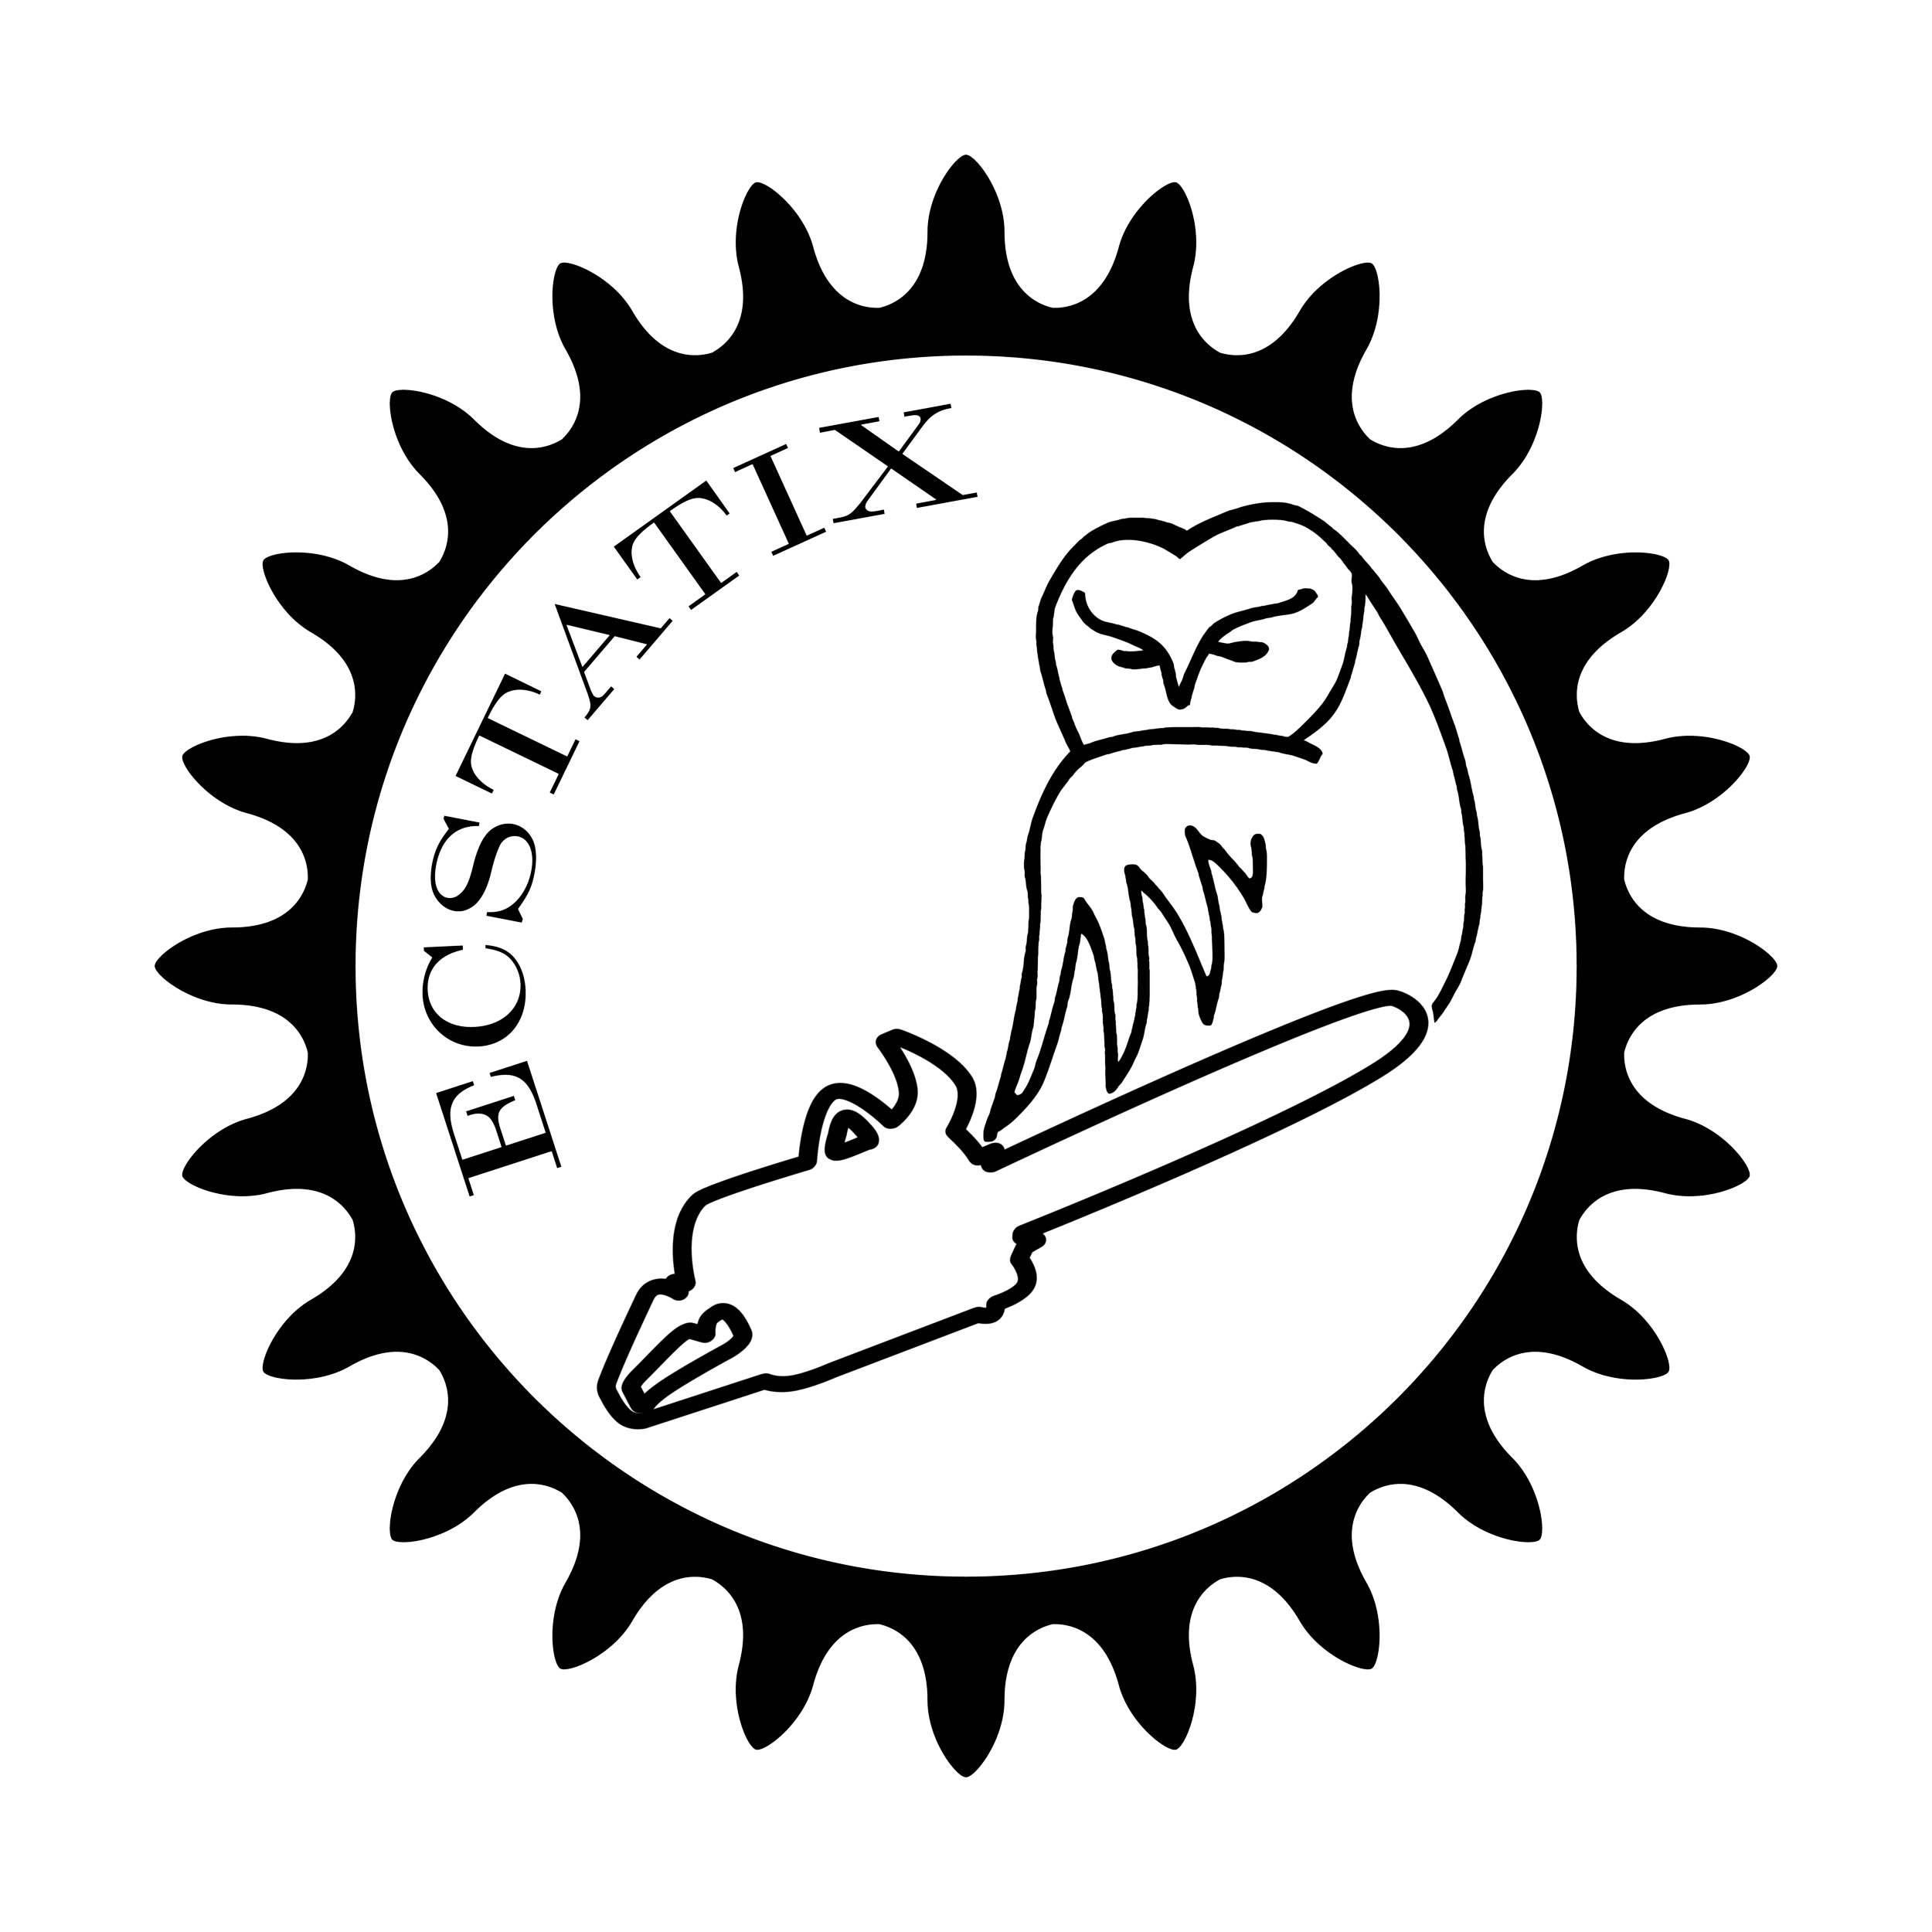 ECSTATIX